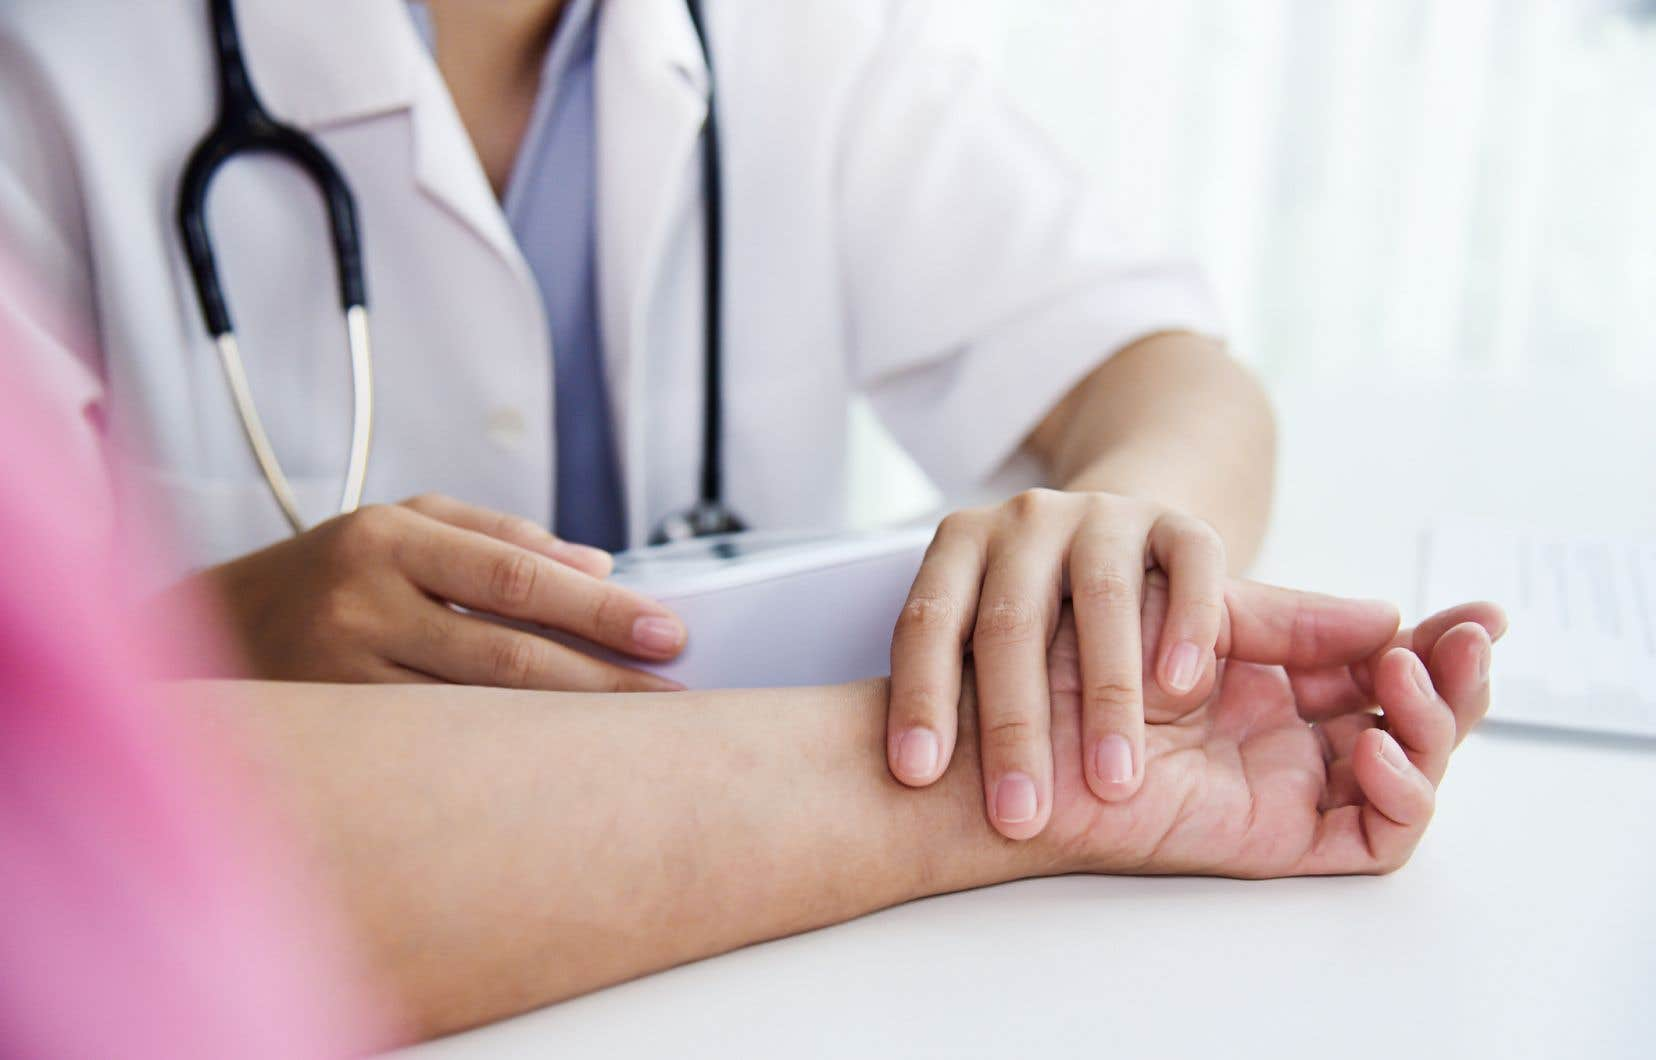 La myélite flasque aiguë, provoque une faiblesse musculaire dans un ou plusieurs membres et survient généralement après une infection virale.